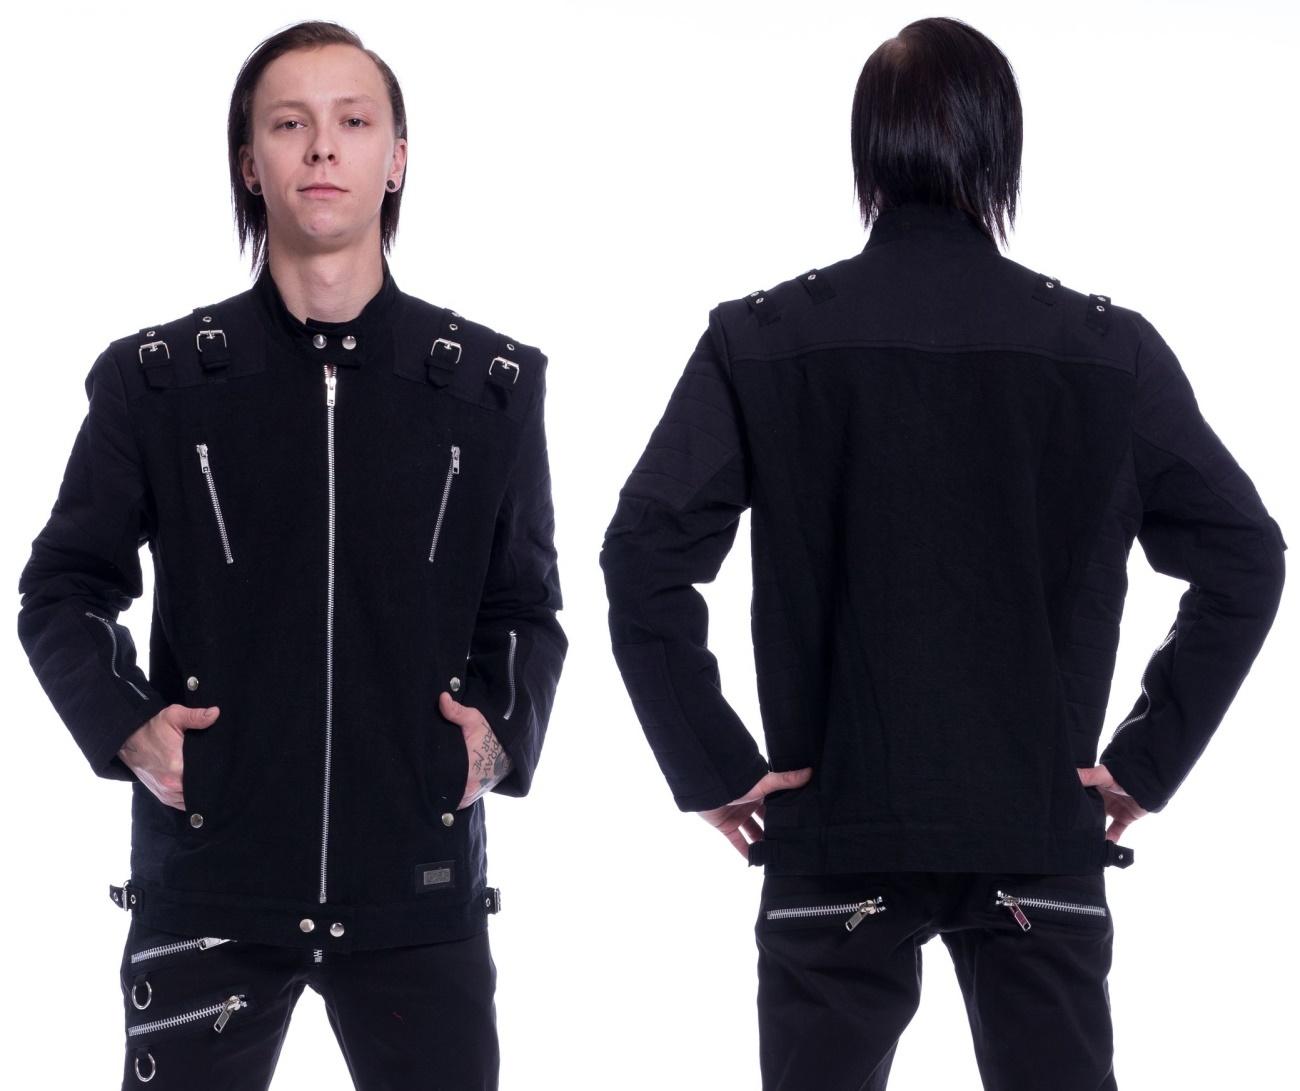 Joyride Jacket Vixxsin Übergangsjacke Vixxsin bei Gothic Onlineshop the